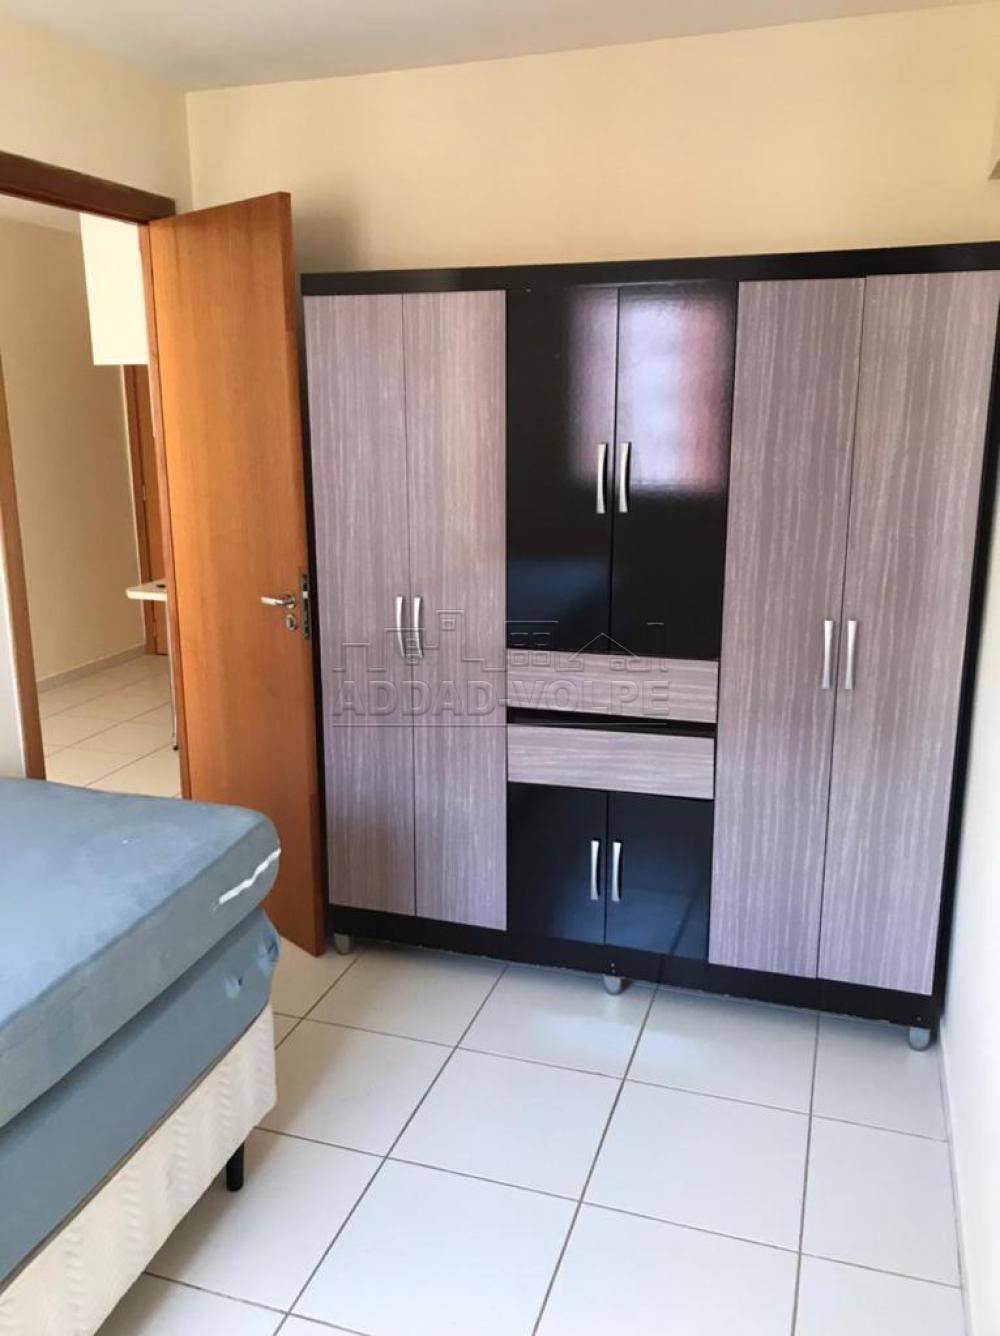 Alugar Apartamento / Padrão em Bauru R$ 900,00 - Foto 6